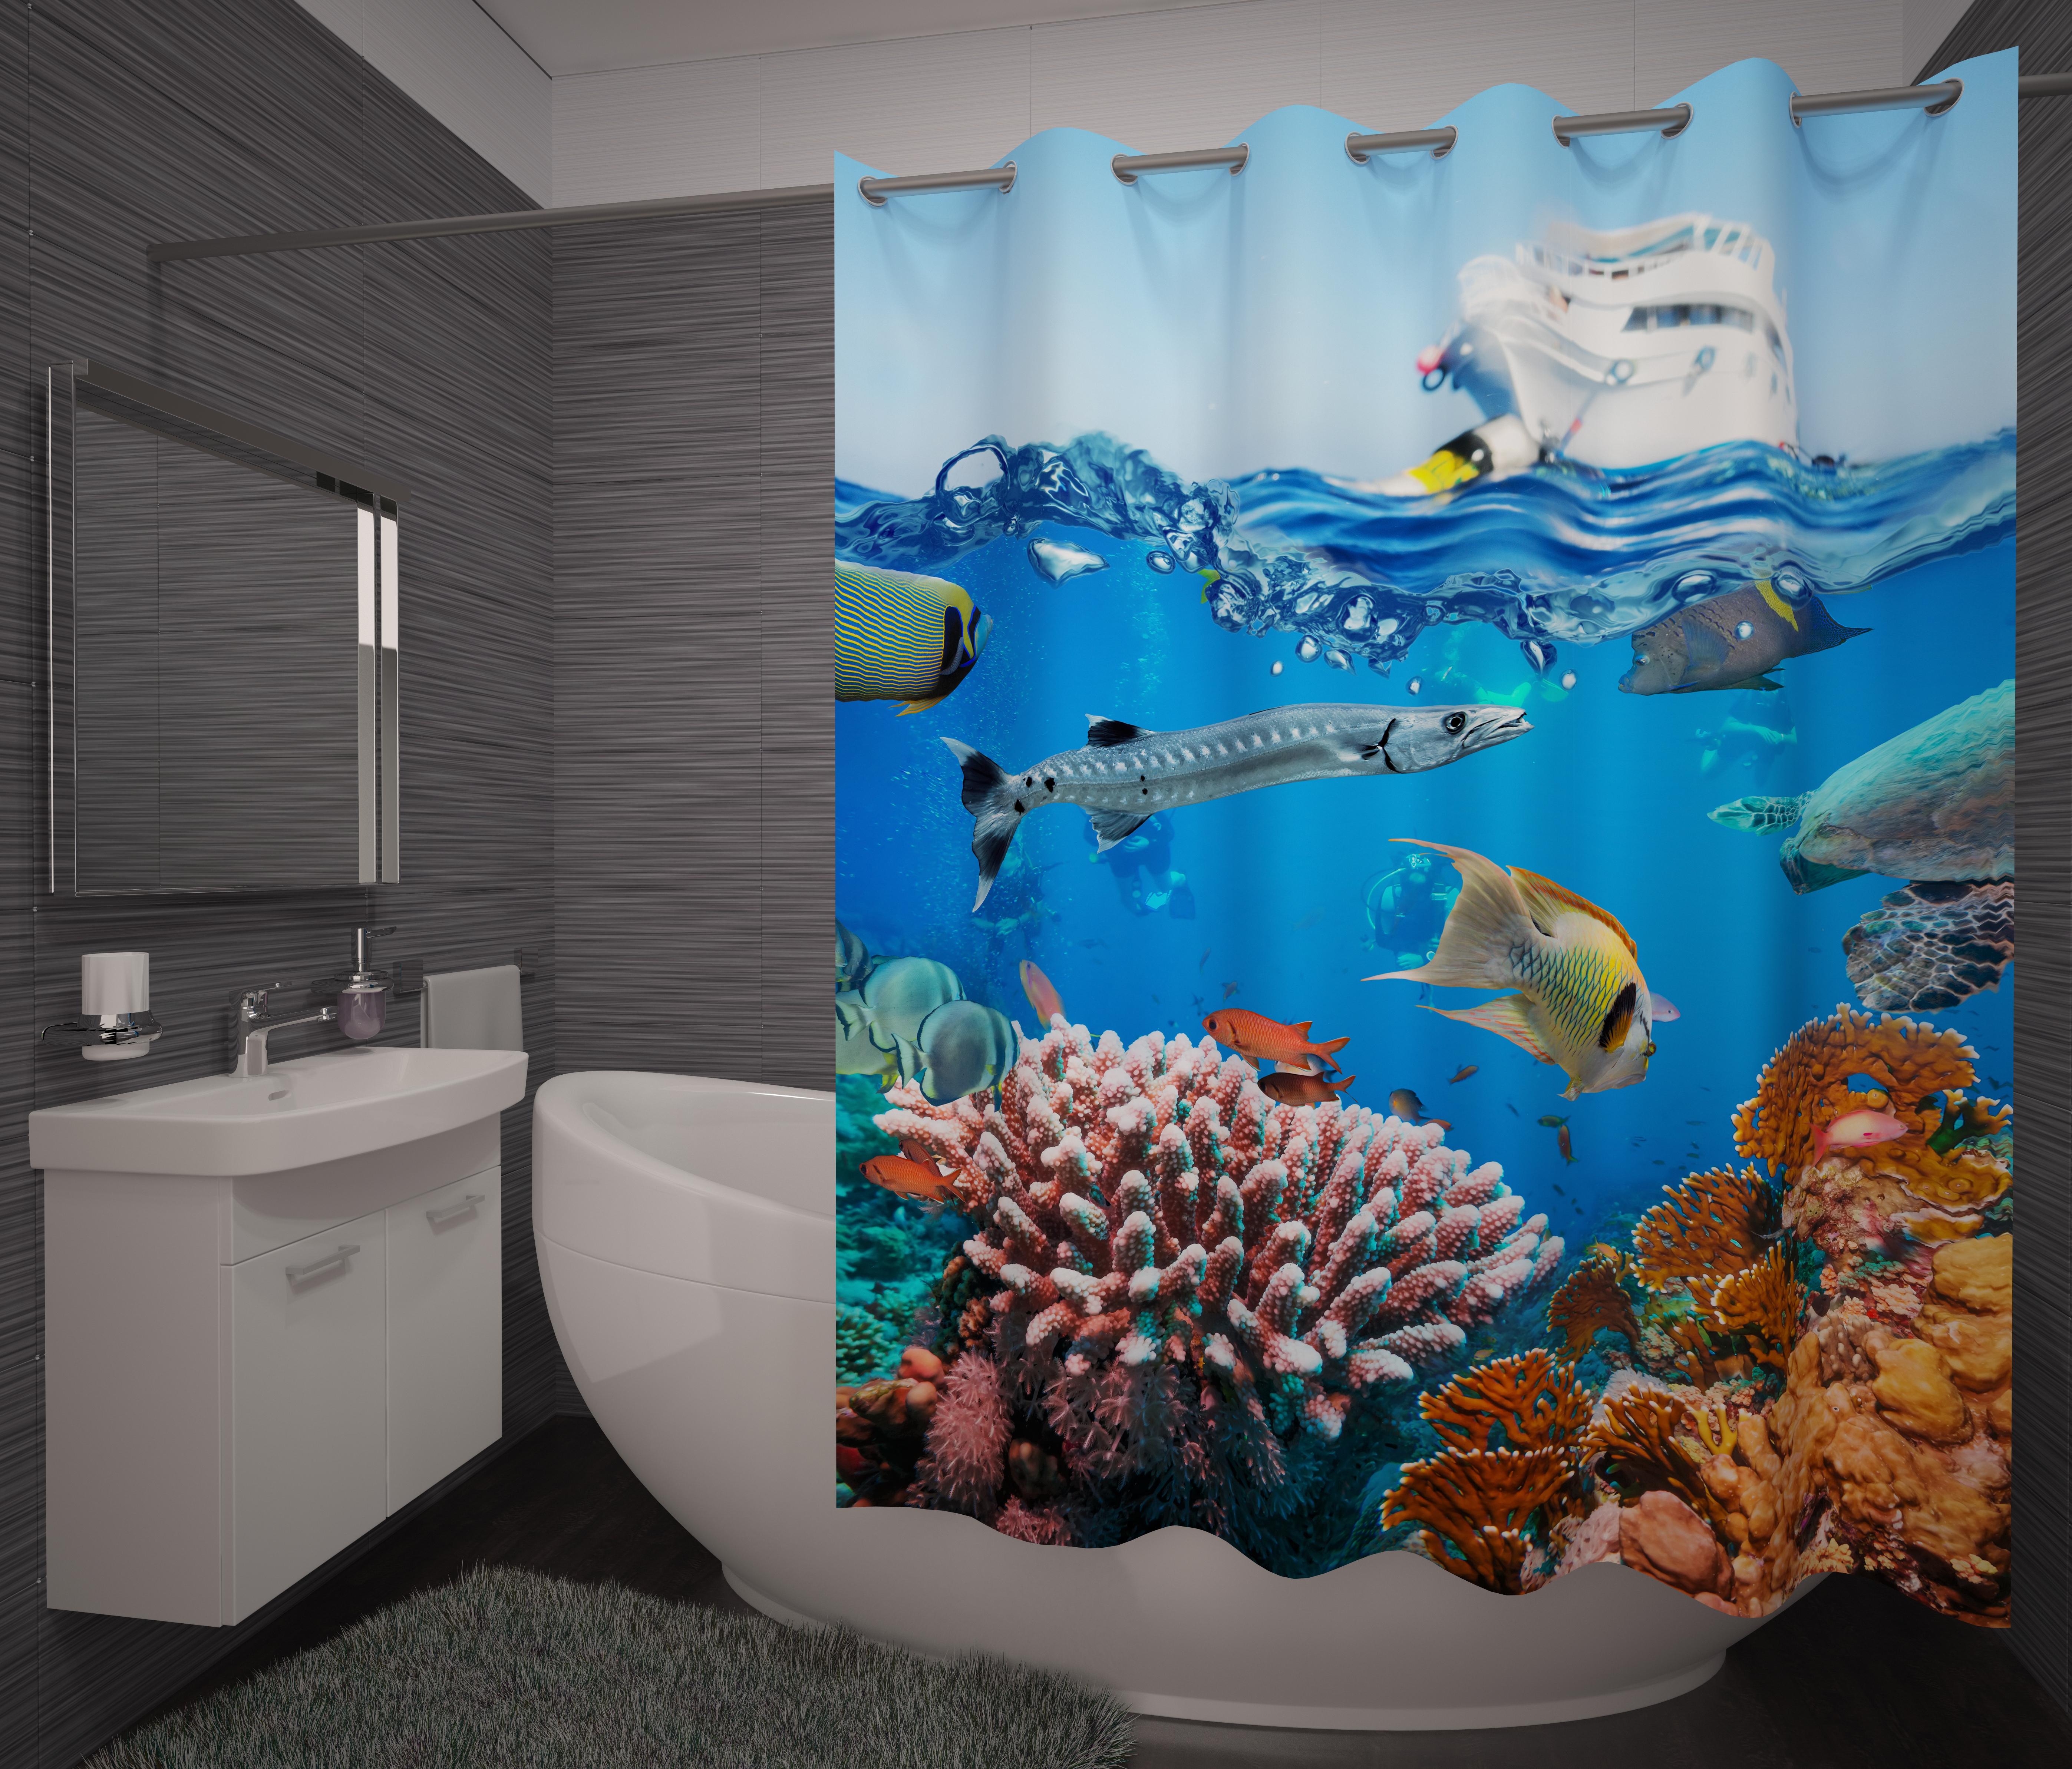 Шторы и карнизы для ванной Fototende Фотошторы для ванной Scarlet